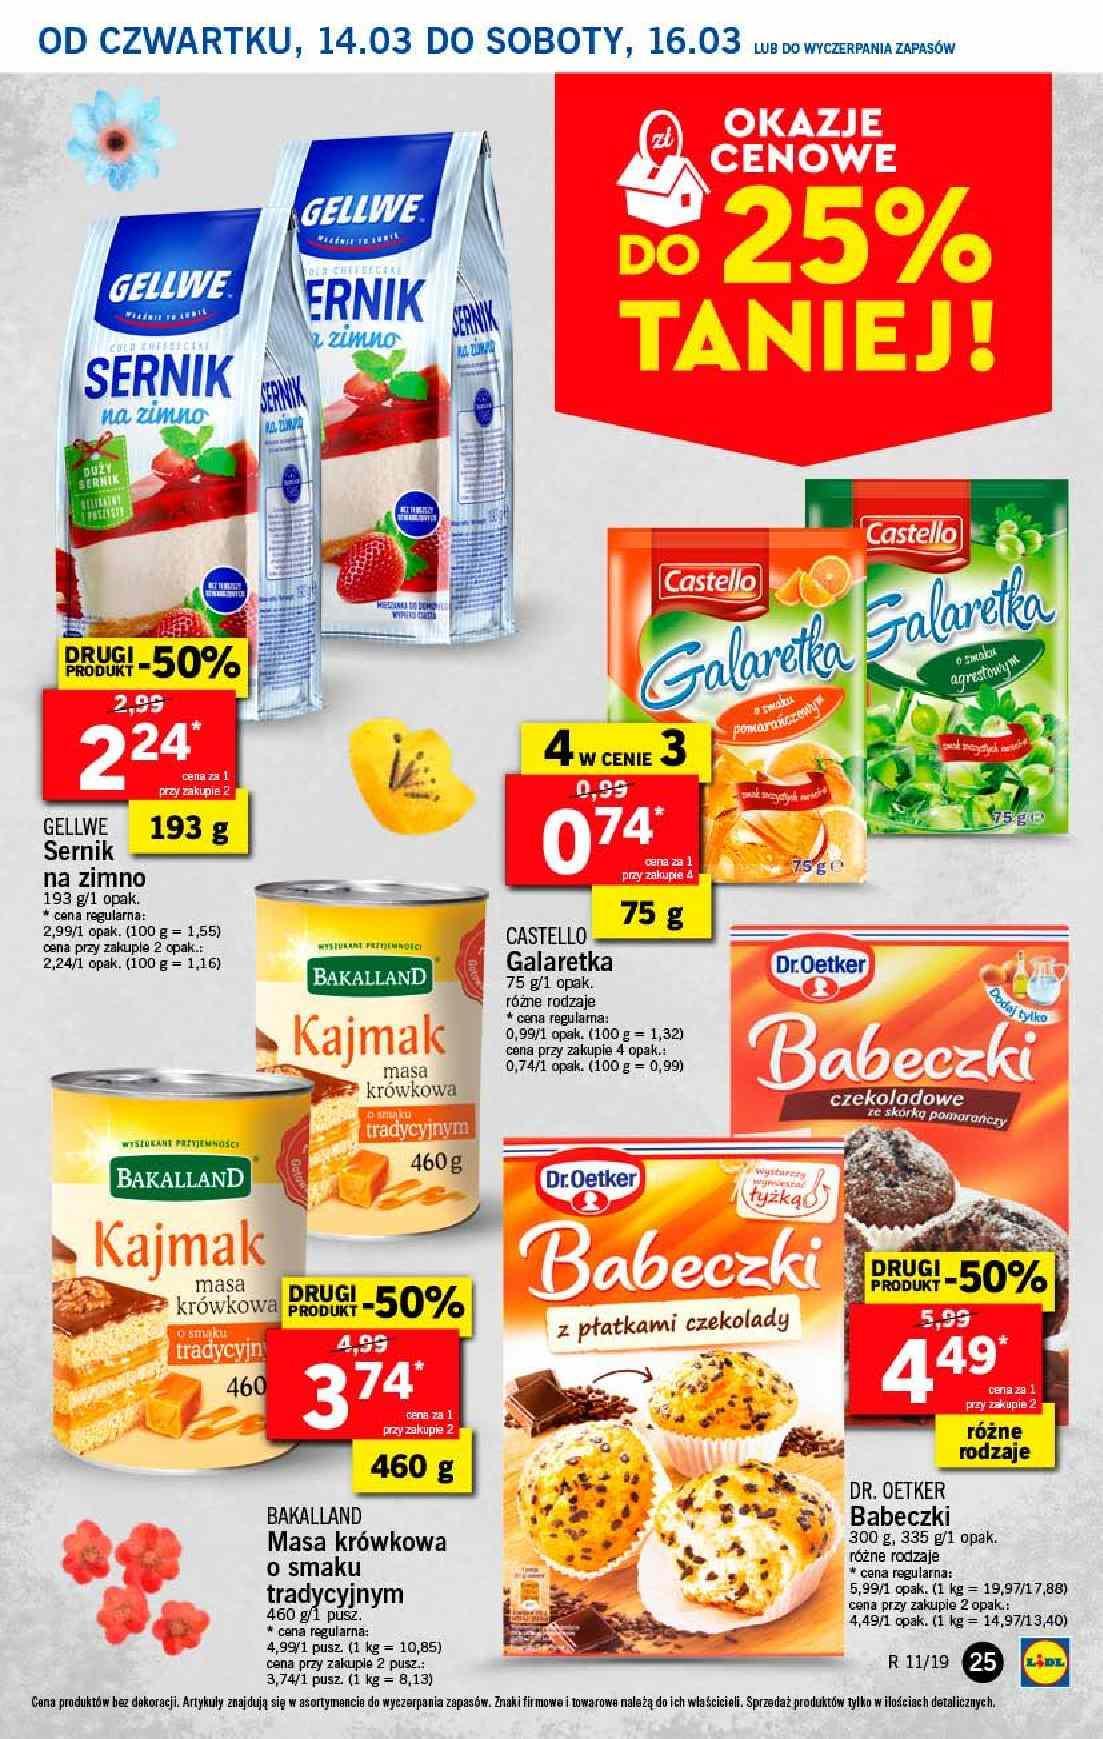 Gazetka promocyjna Lidl do 17/03/2019 str.25